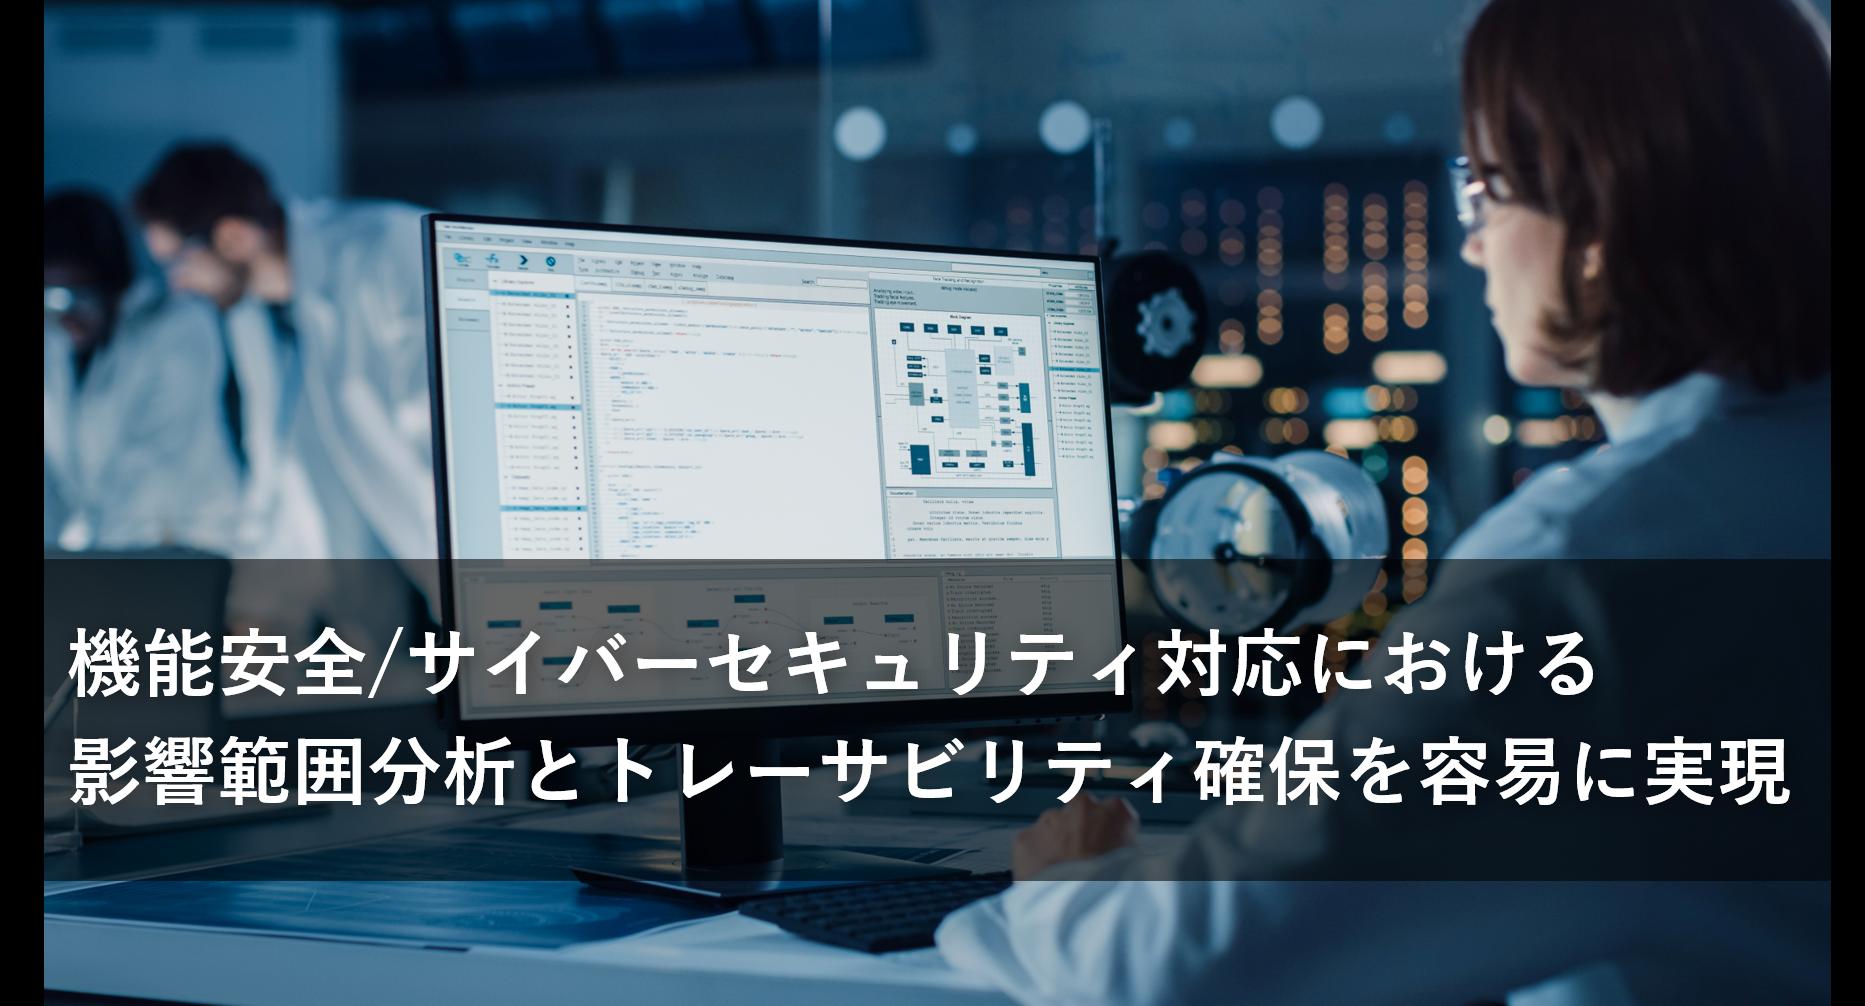 機能安全/サイバーセキュリティ対応における影響範囲分析とトレーサビリティ確保を容易に実現